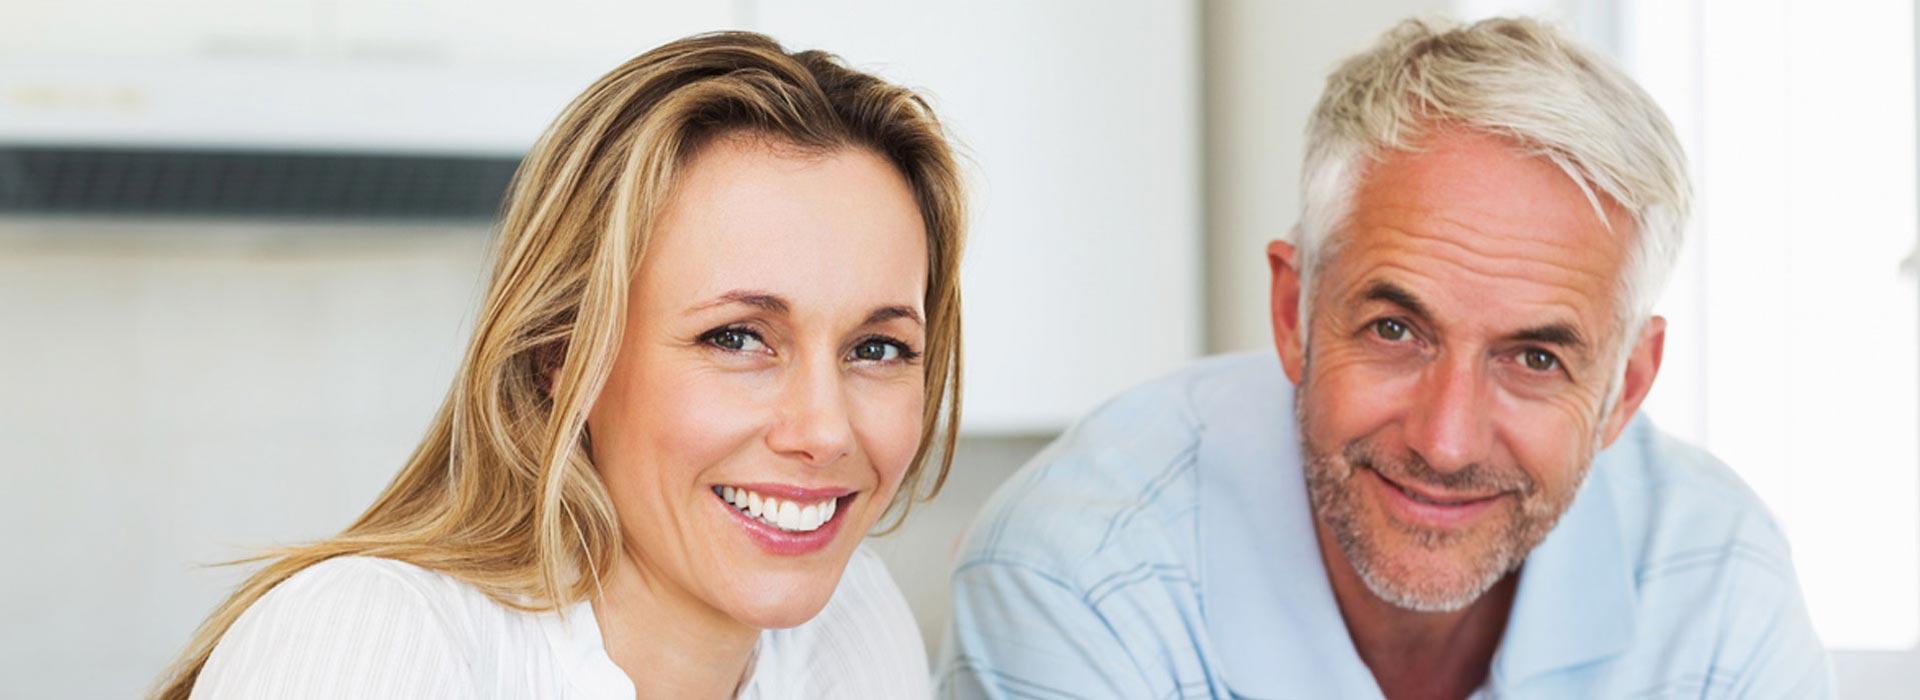 Panne sexuelle apres 50 ans quelles impacts ?